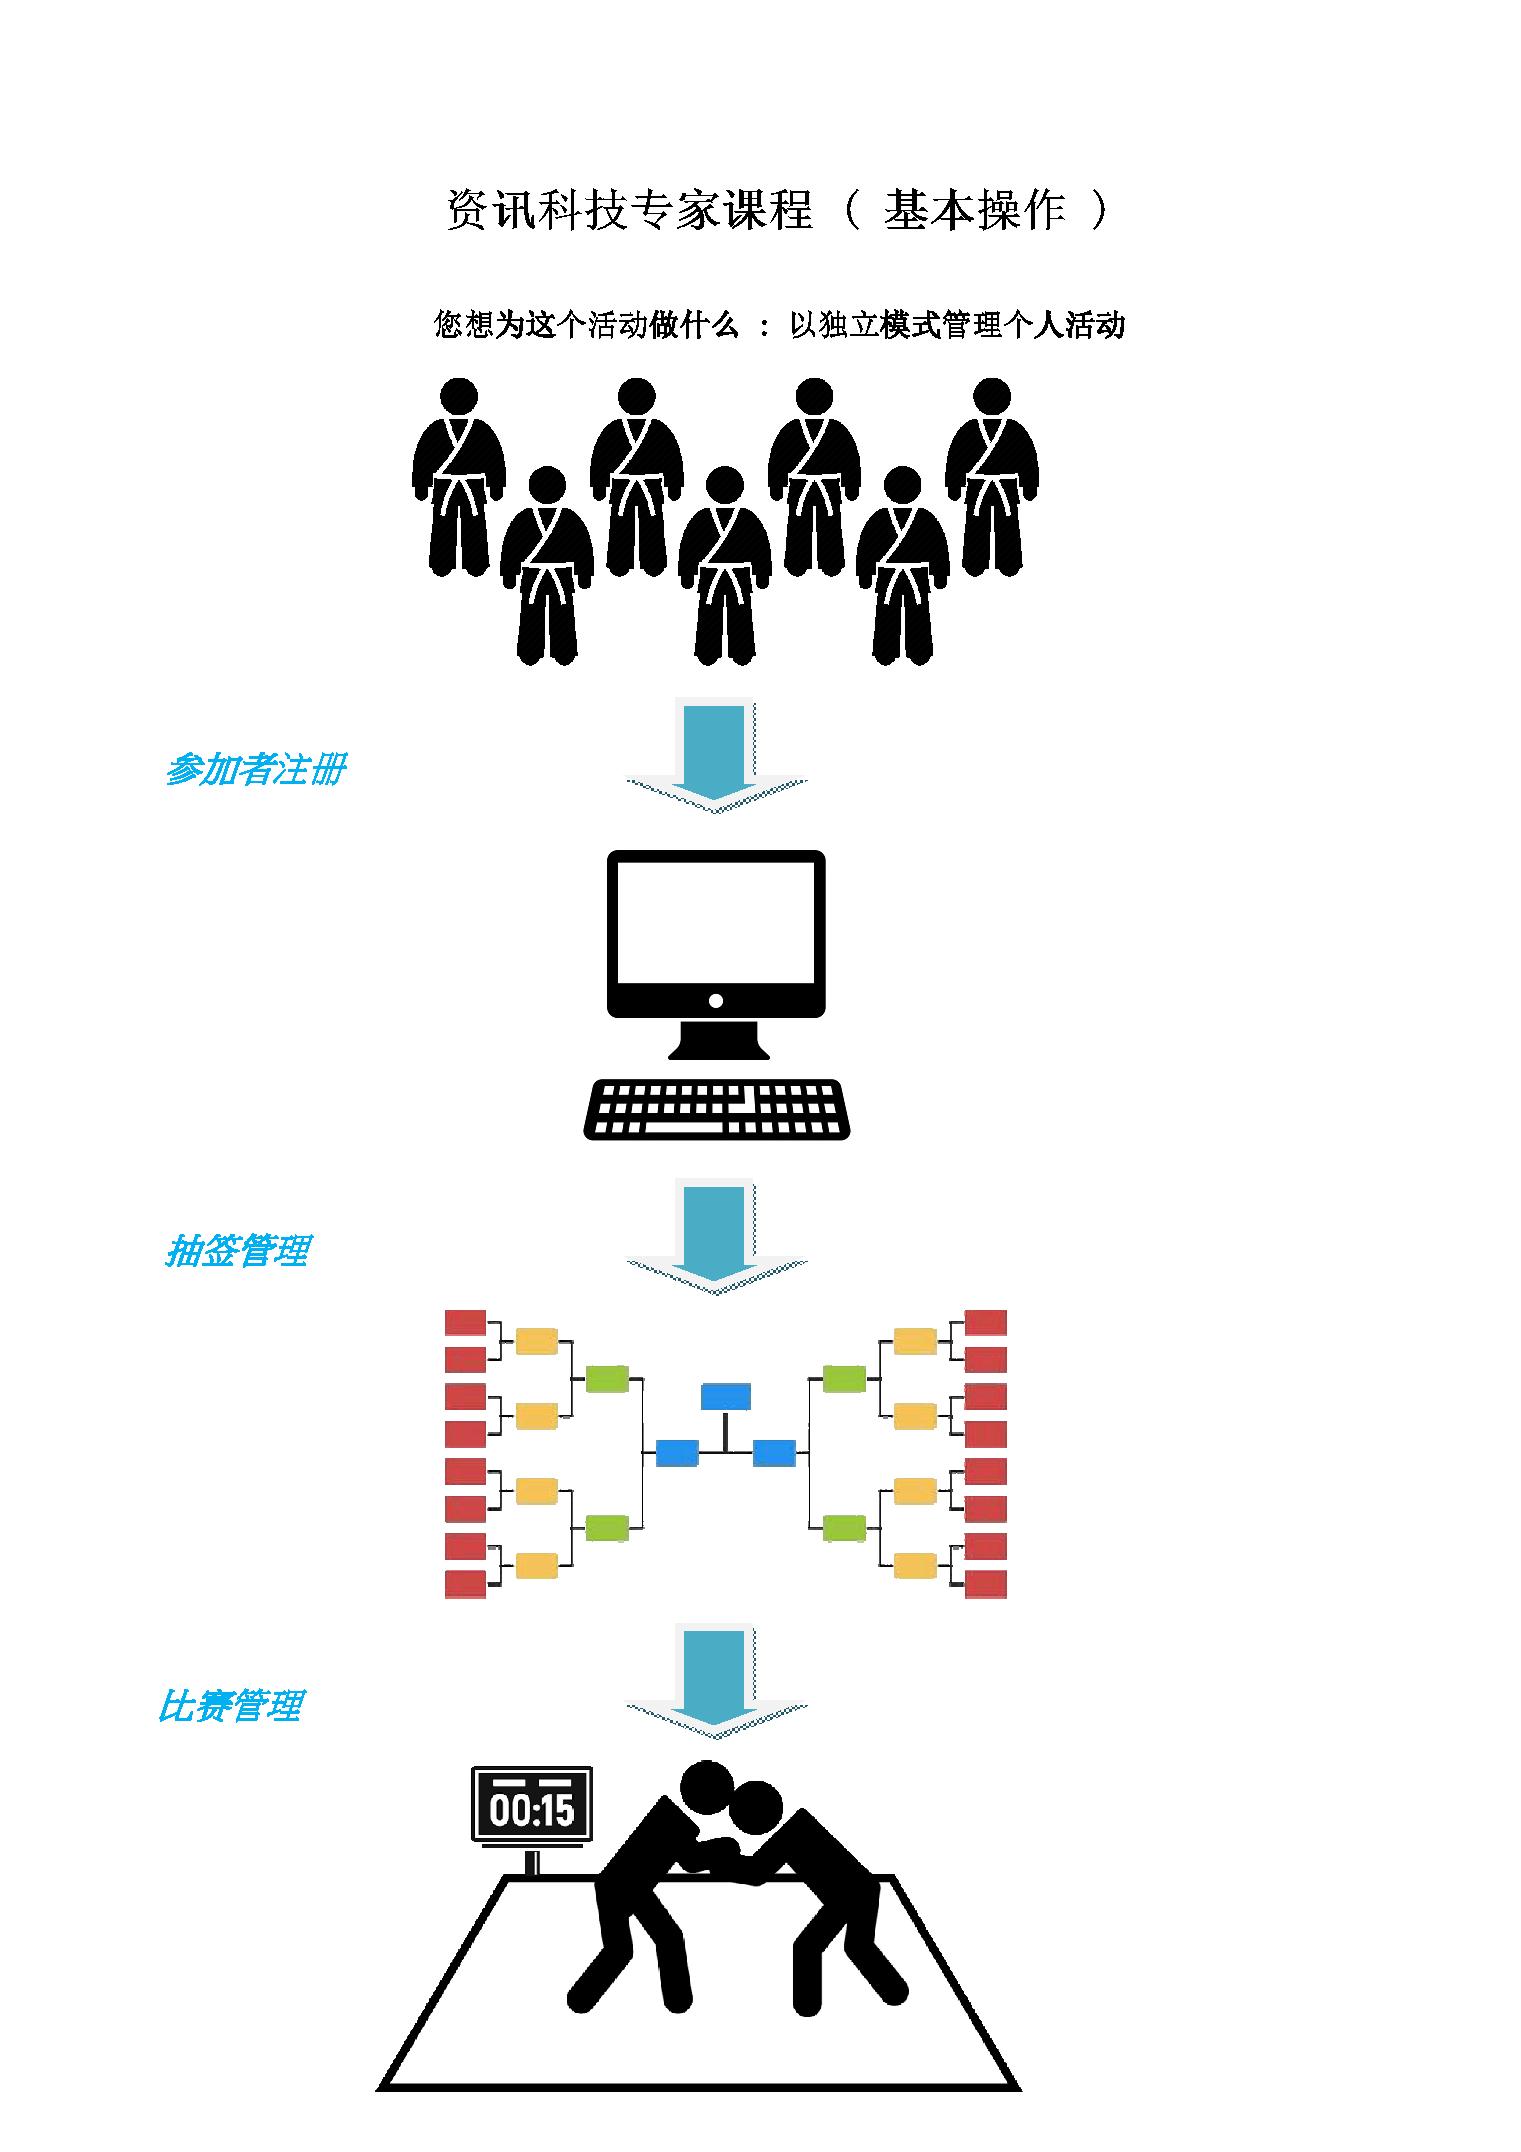 资讯技术专家课程 ( 基本操作 )